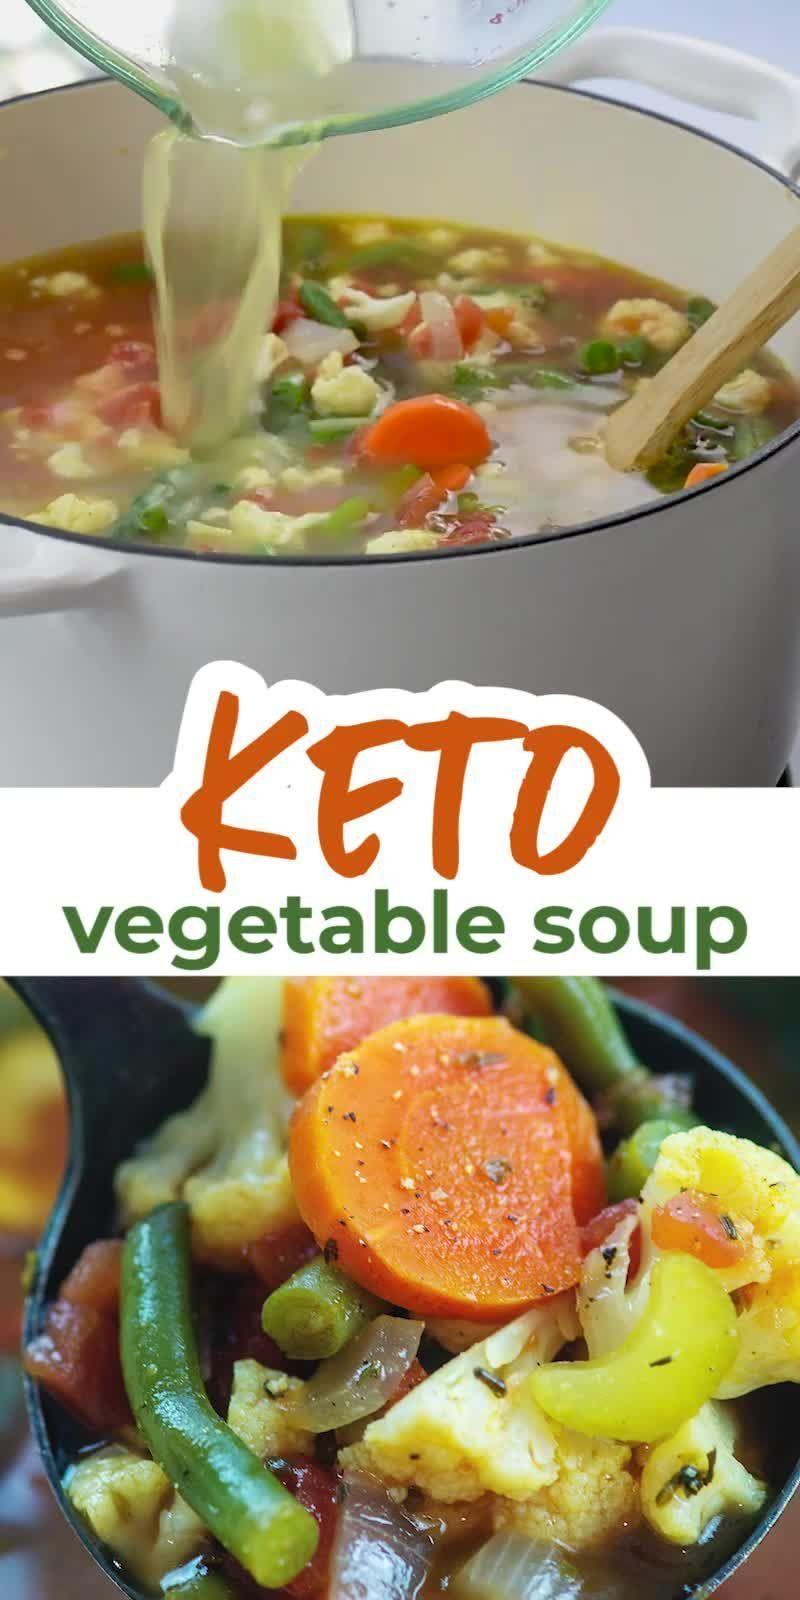 Easy Keto Vegetable Soup